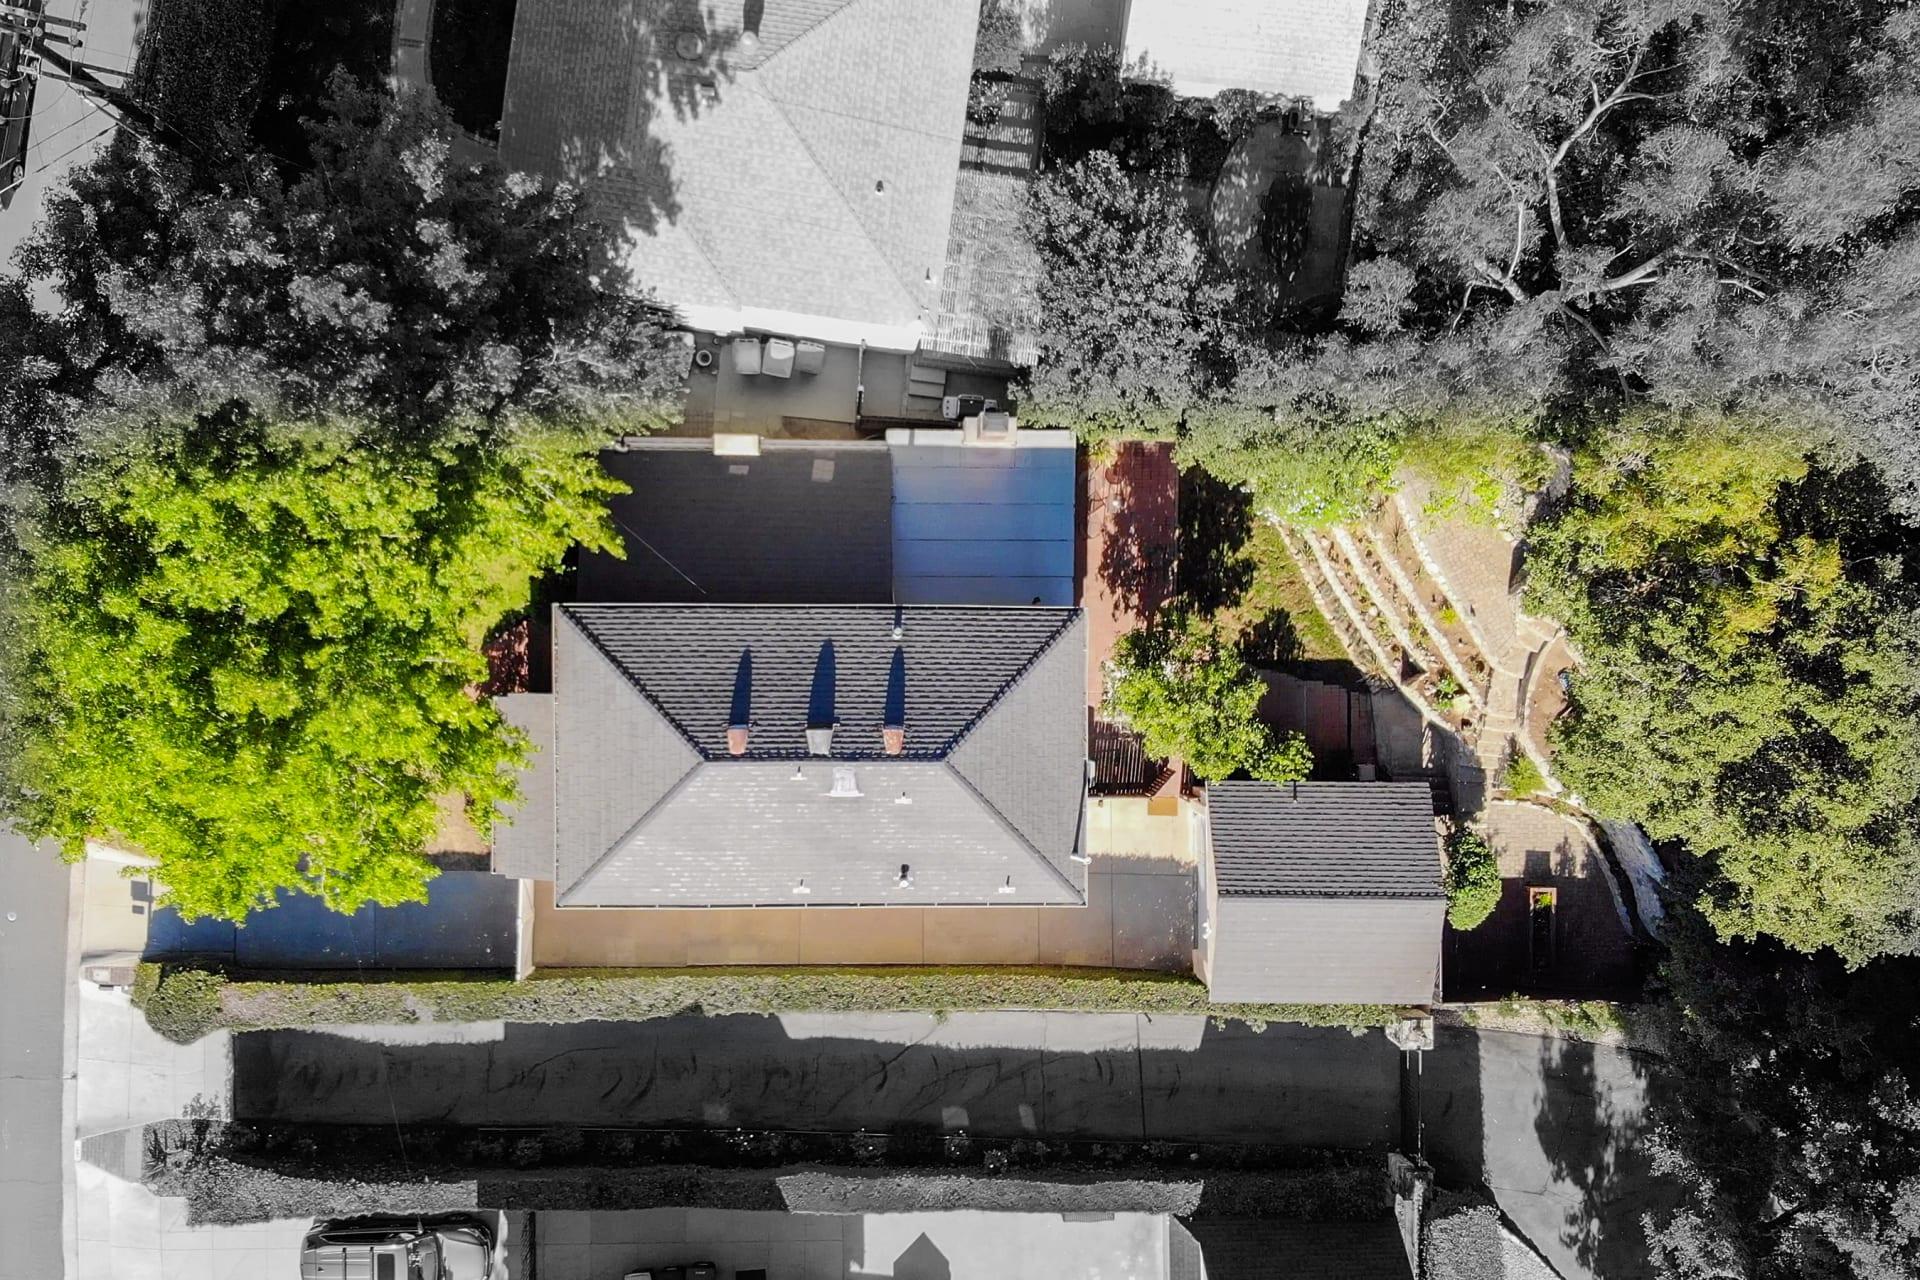 2664 East Glenoaks Blvd. photo